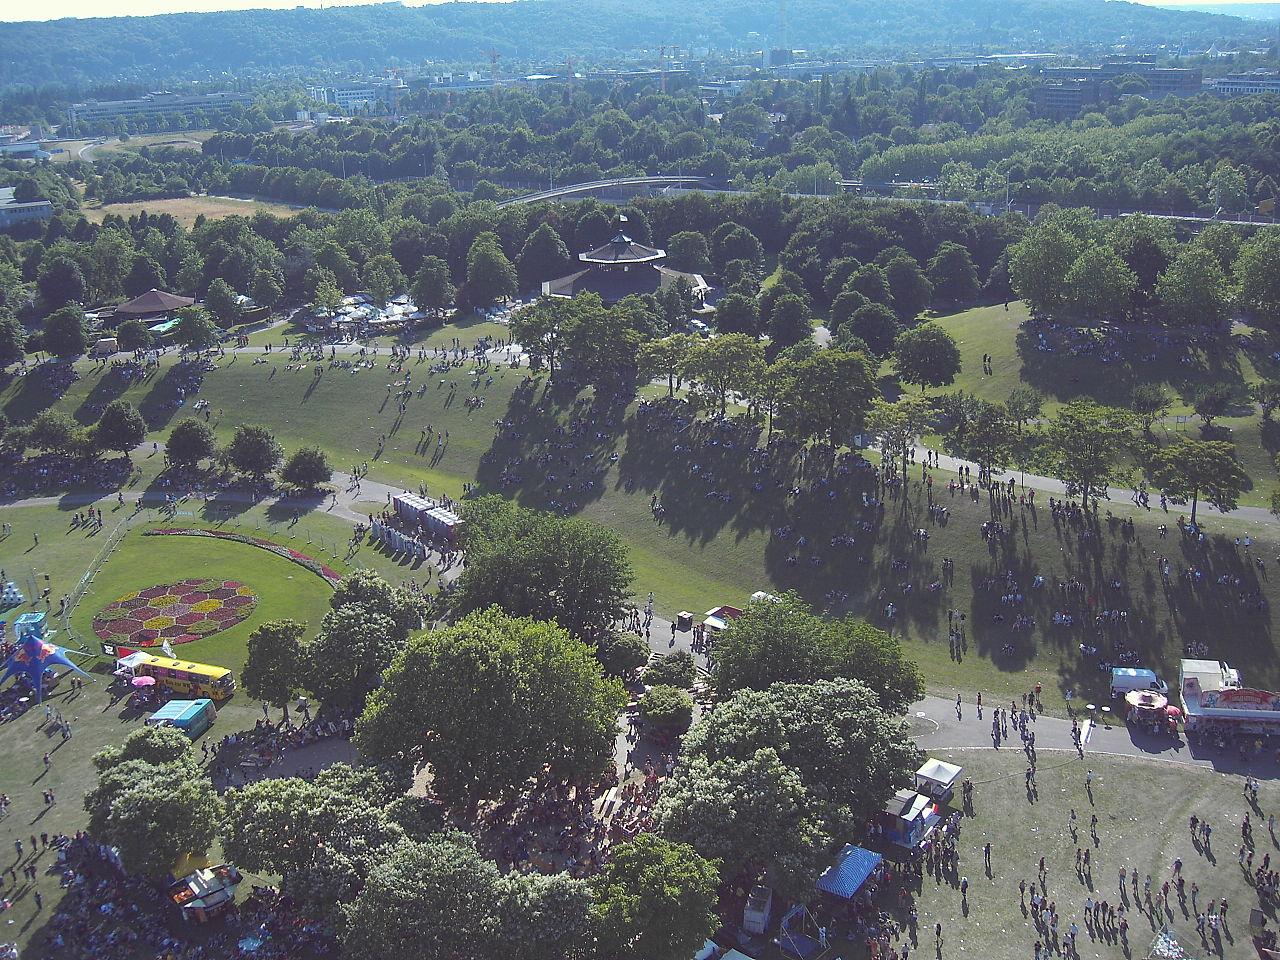 1280px-Bonn_Rheinaue_aerial_view2